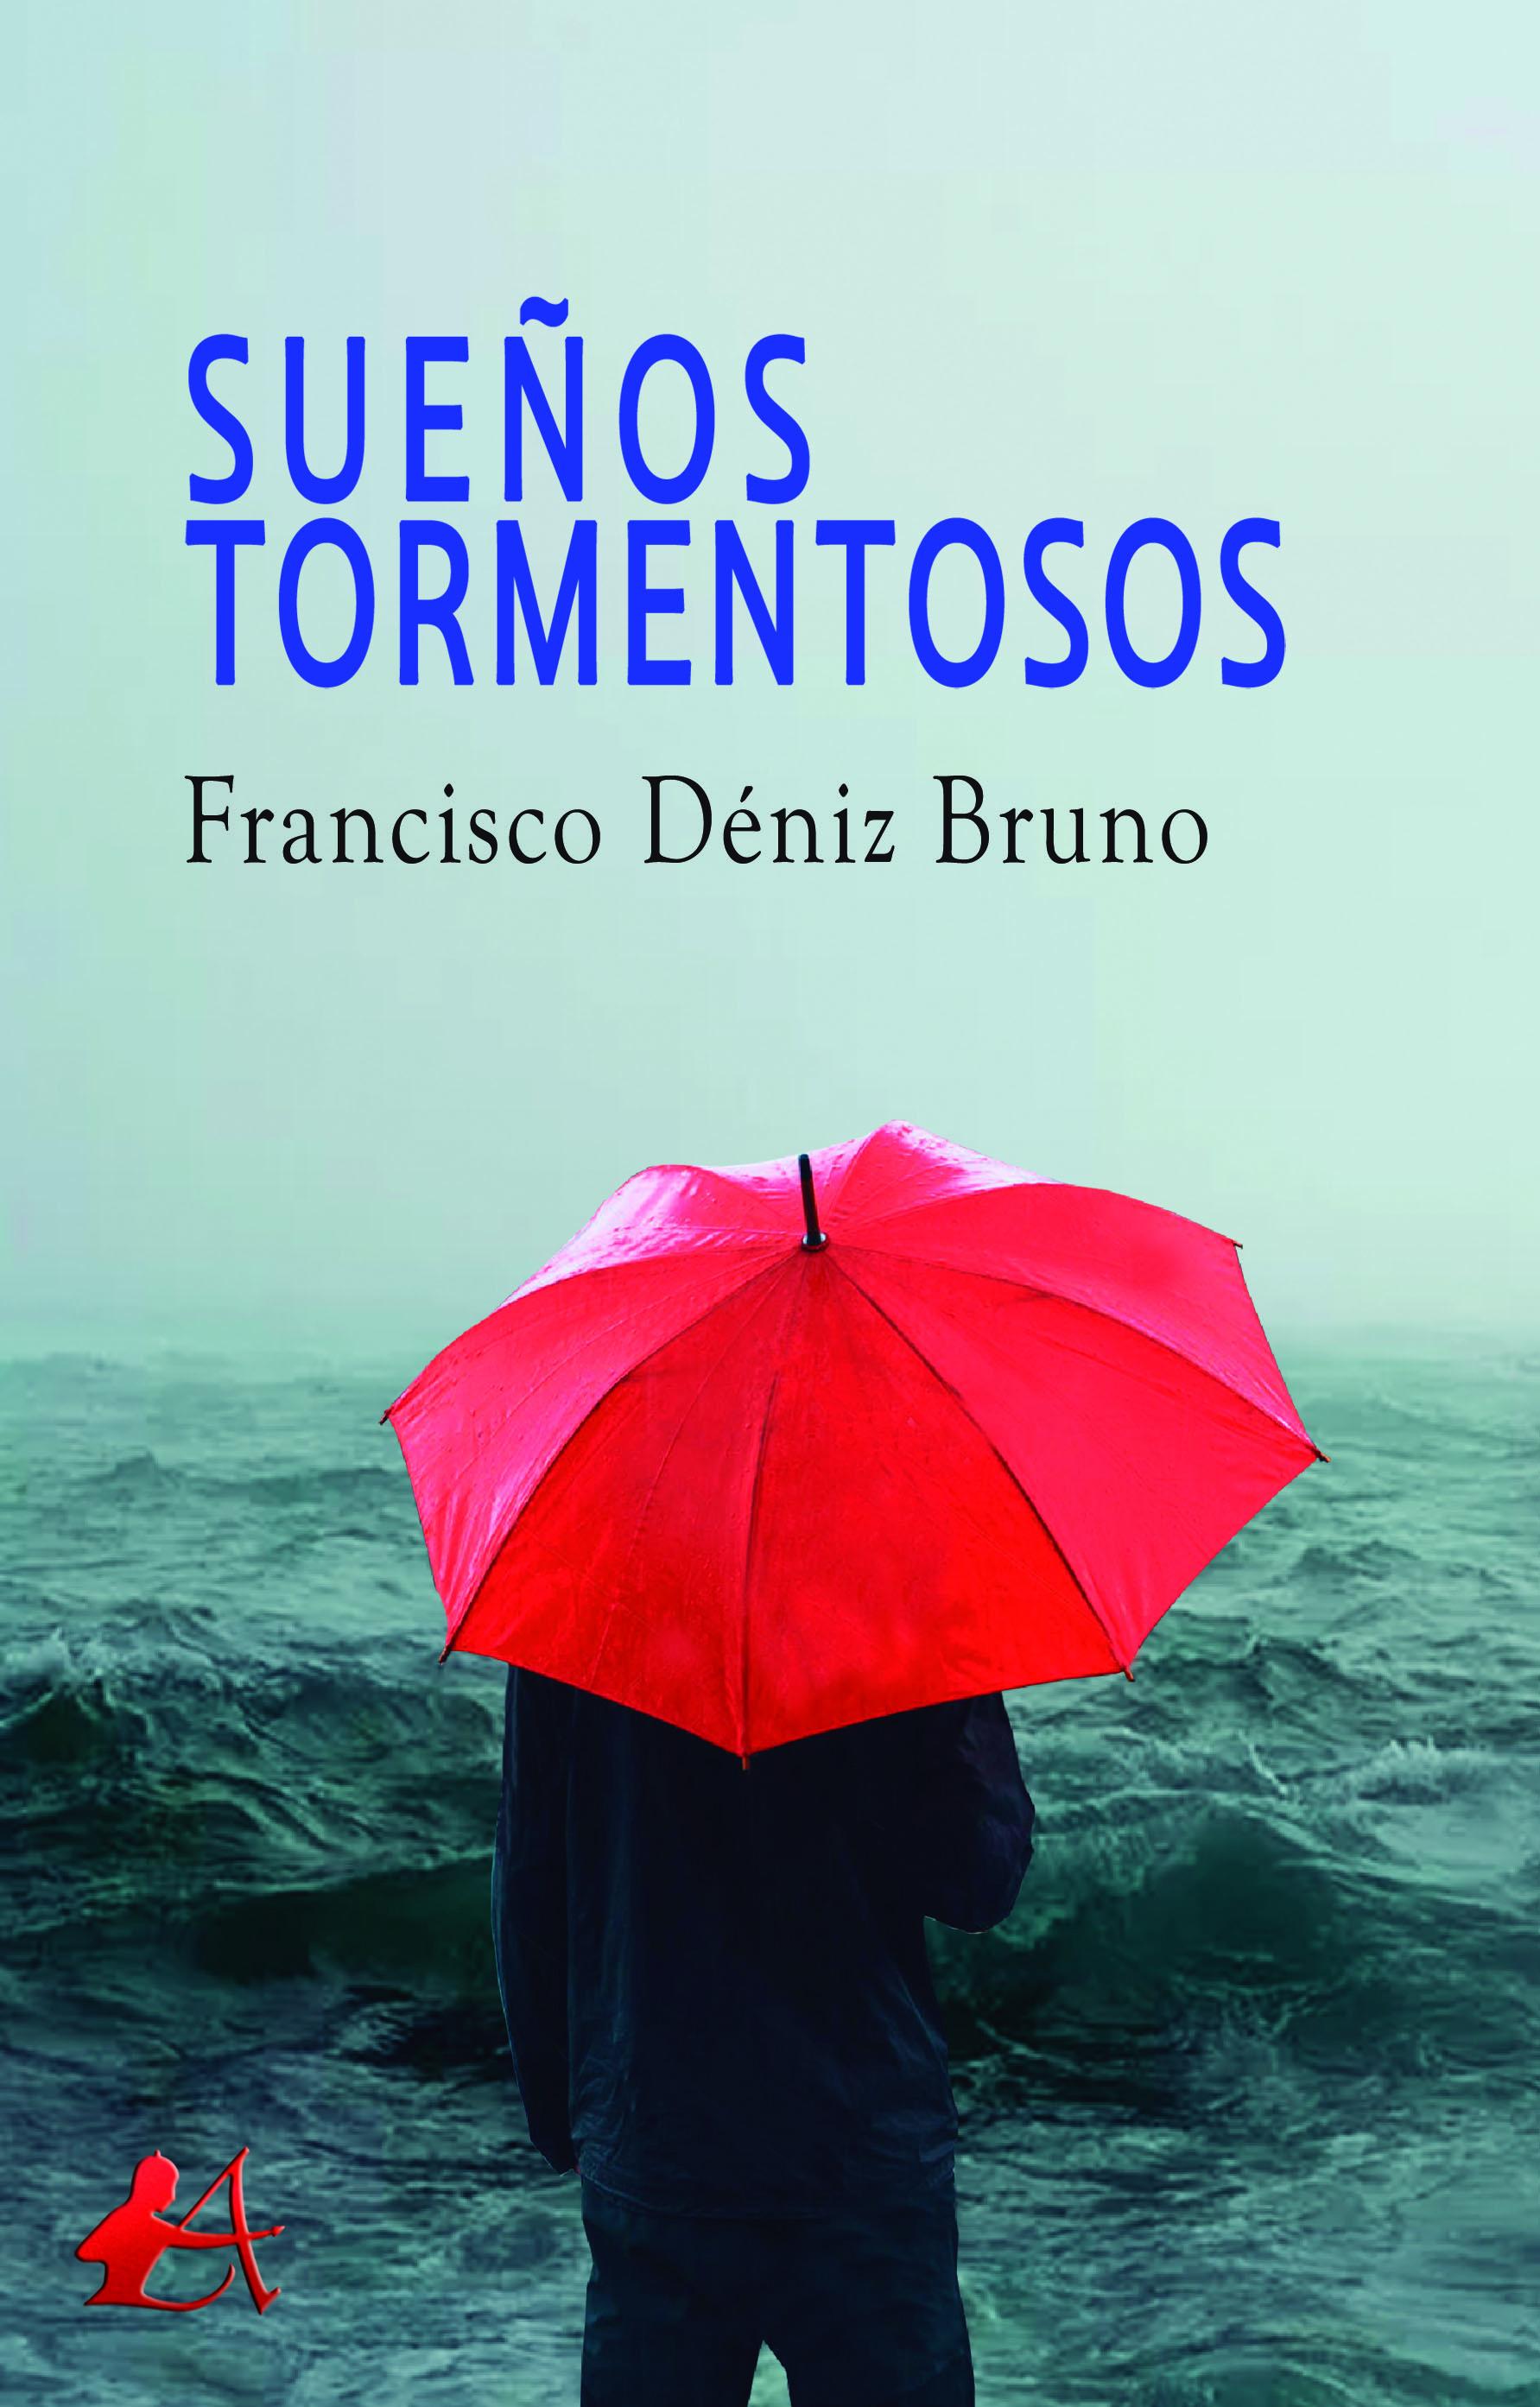 Portada del libro Sueños tormentosos de Francisco Déniz Bruno. Editorial Adarve, Escritores de hoy